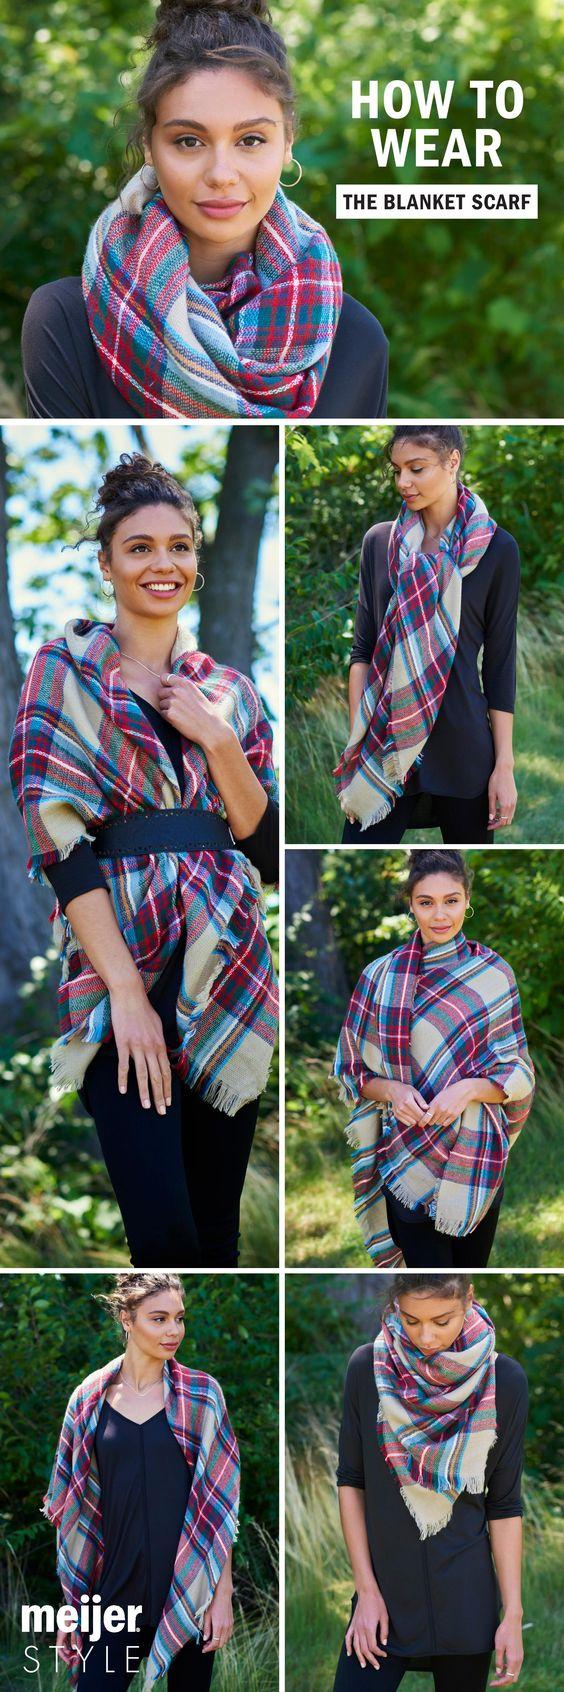 Belt it, wrap it, twist it, tie it or drape it: 5 ways to wear a blanket scarf. #MeijerStyle: